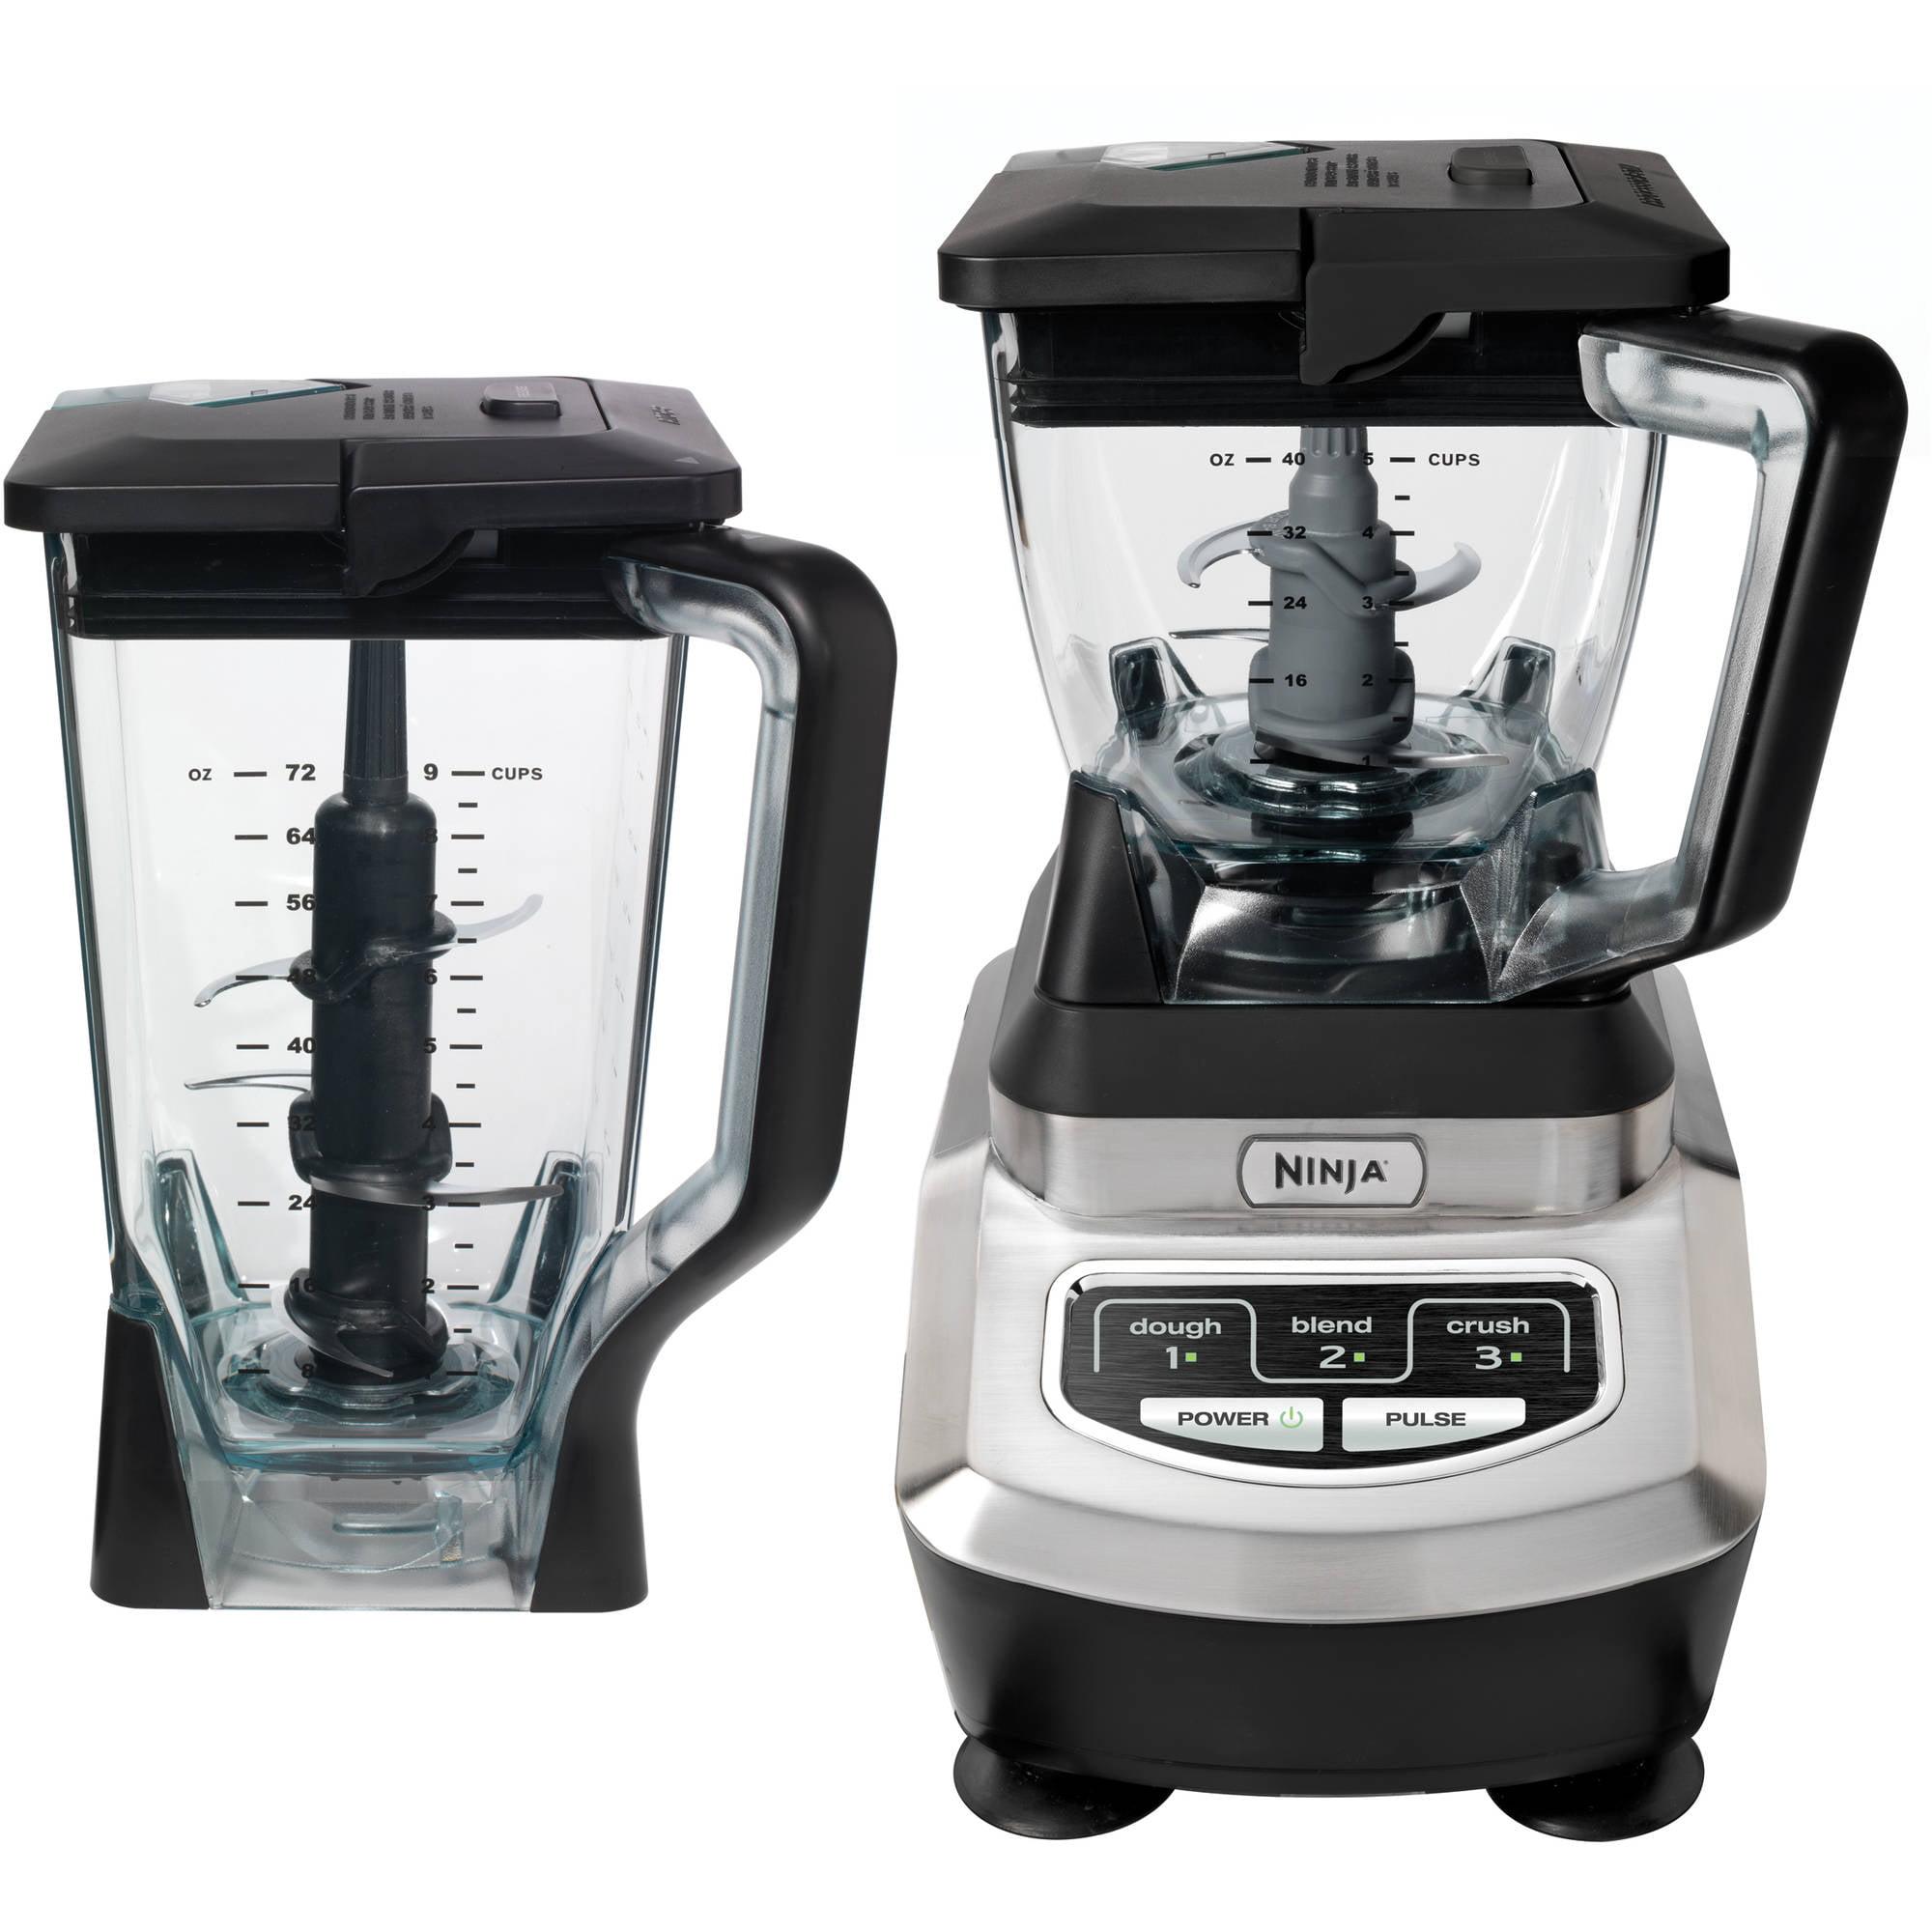 mega simple review fine processor modest system design blender food kitchen professional stylish ninja